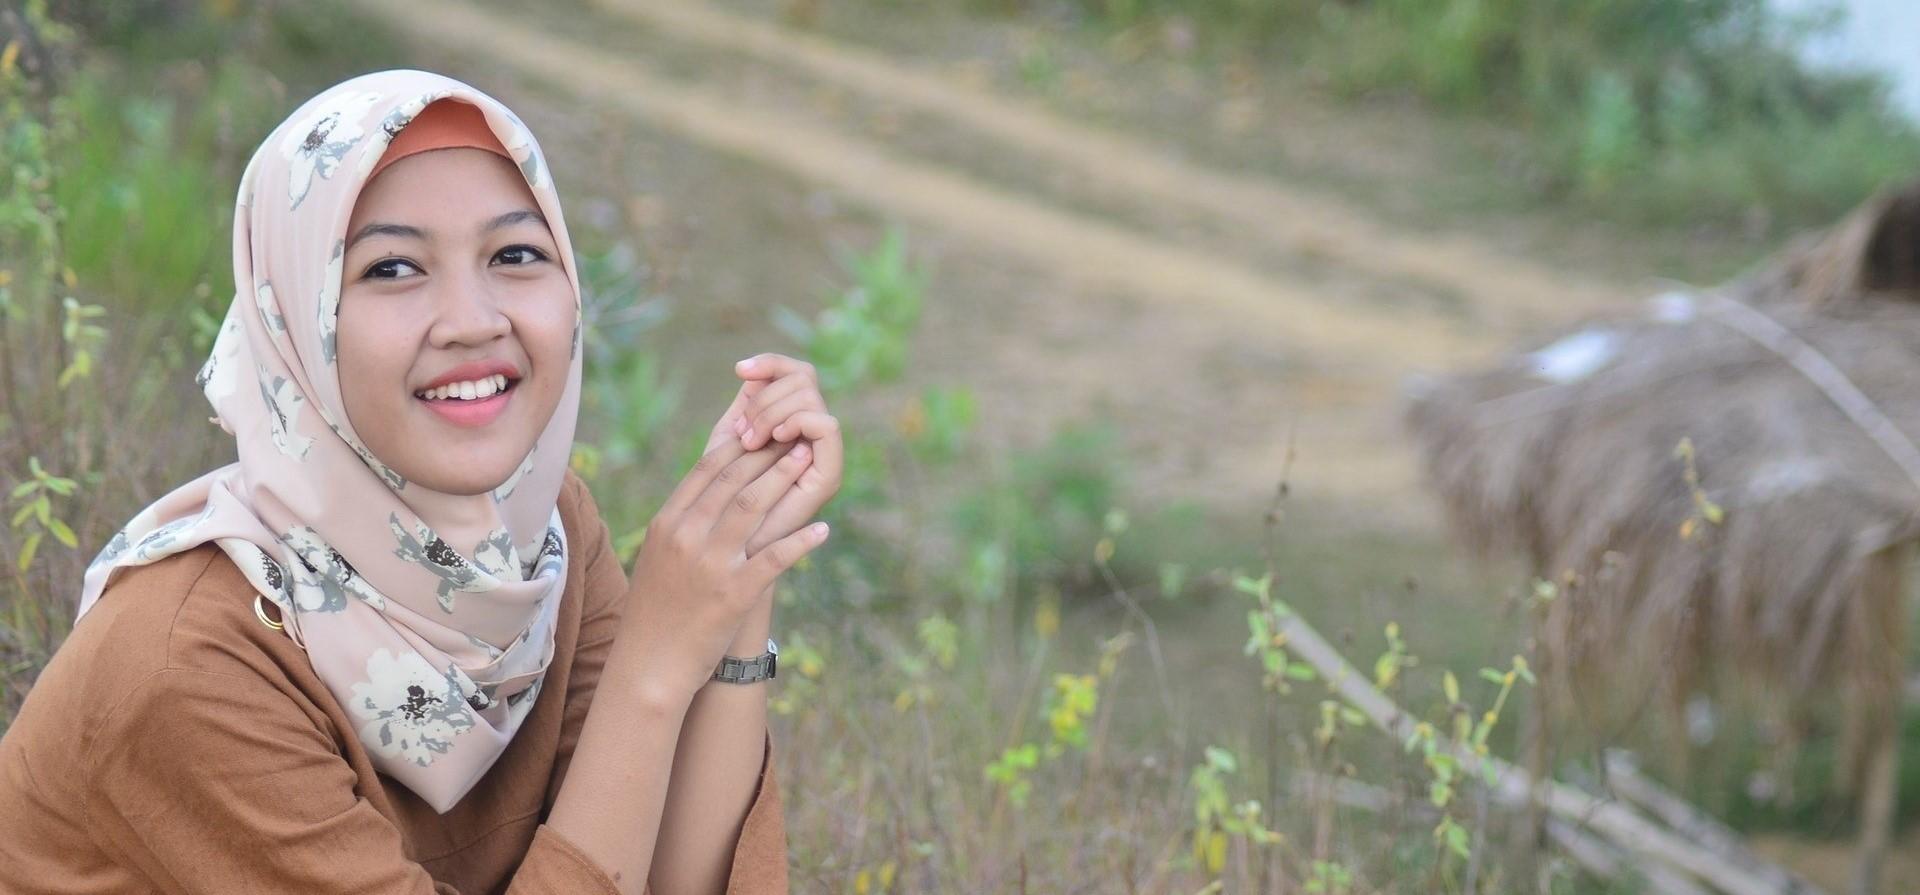 海外人材採用コンサルティング インドネシア人の女性